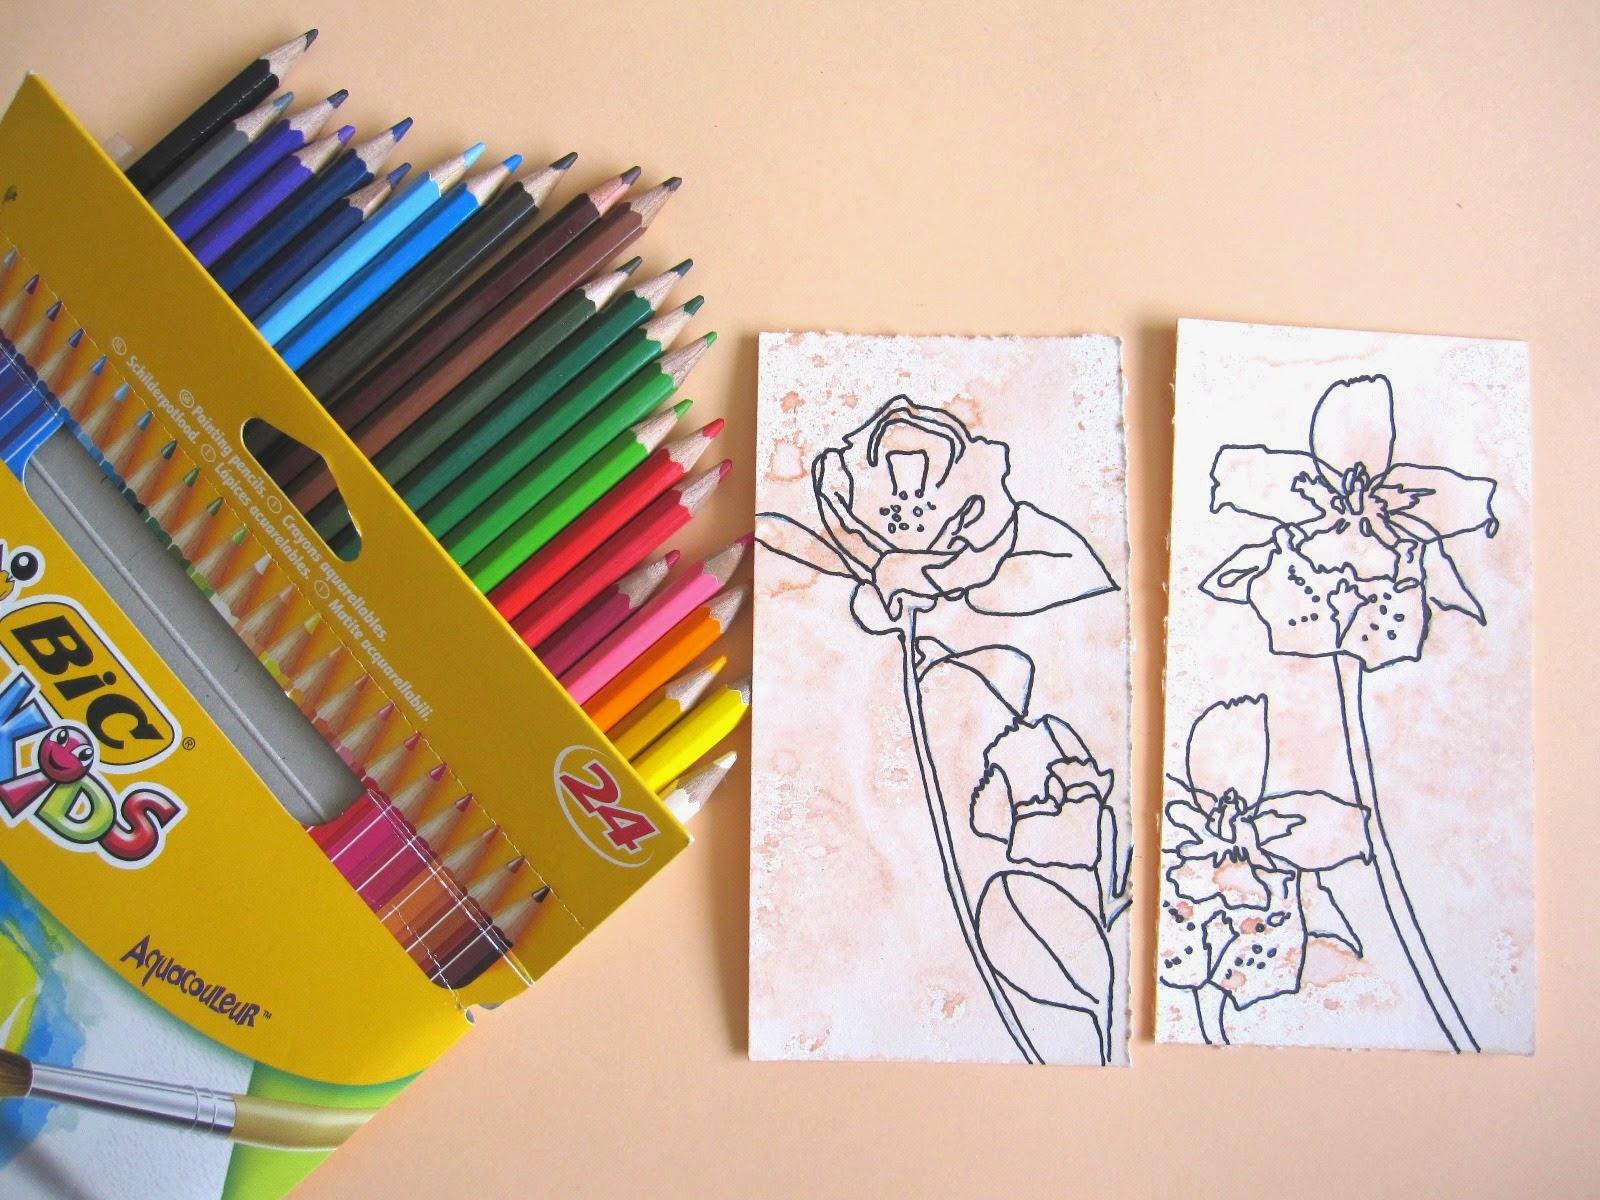 tercer paso tag abril:  cómo colorear si no se tienen distress markers, opción 1: lápices acuareables, cómo usarlos